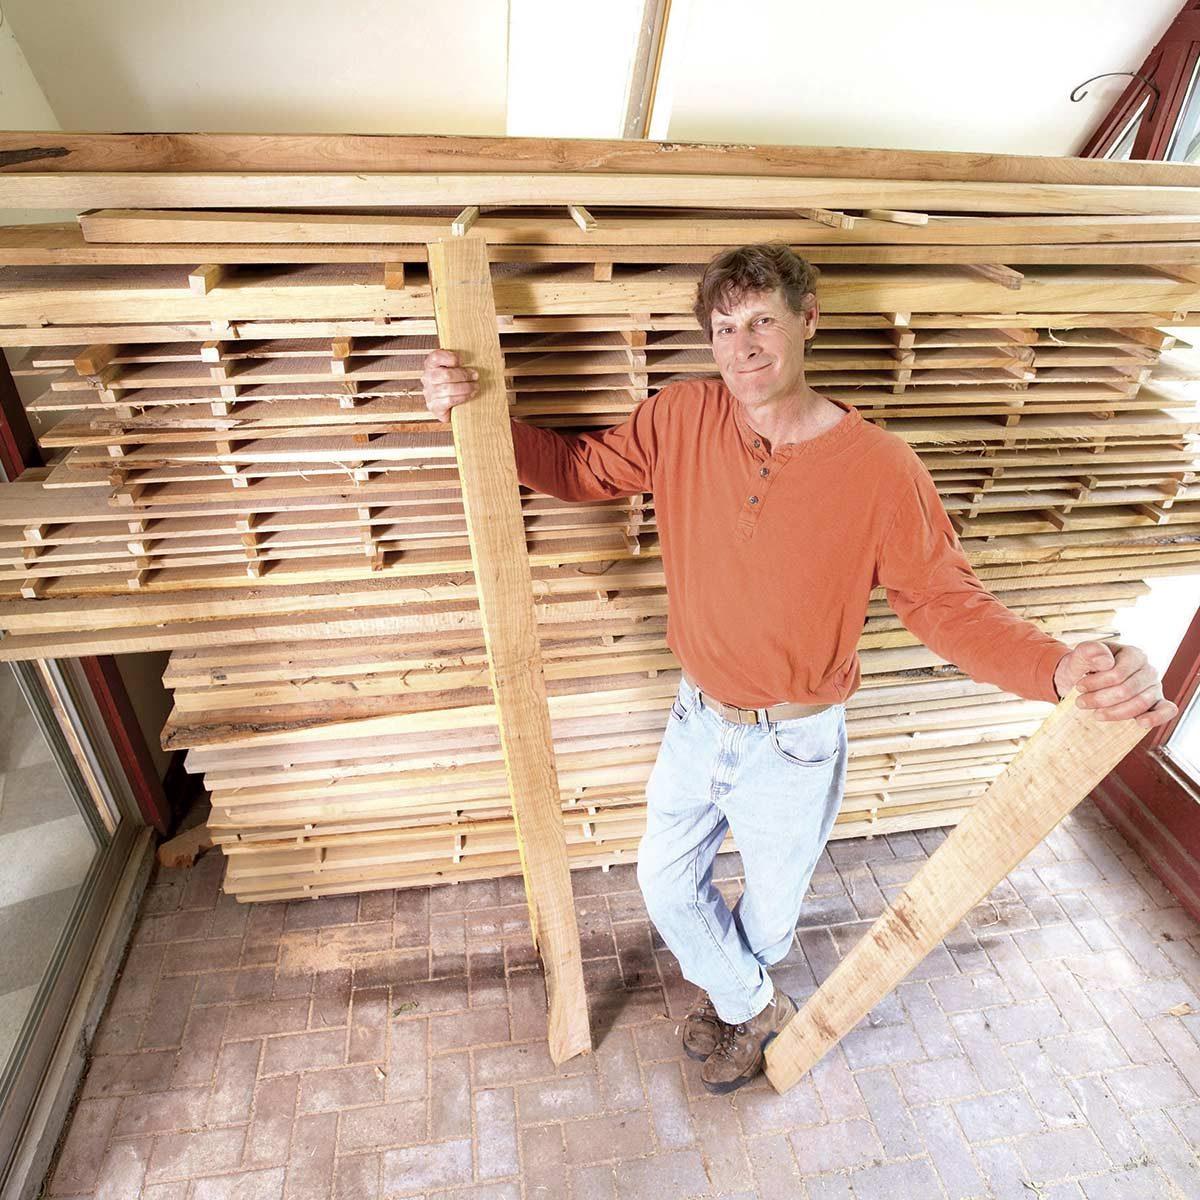 Keep wood straight